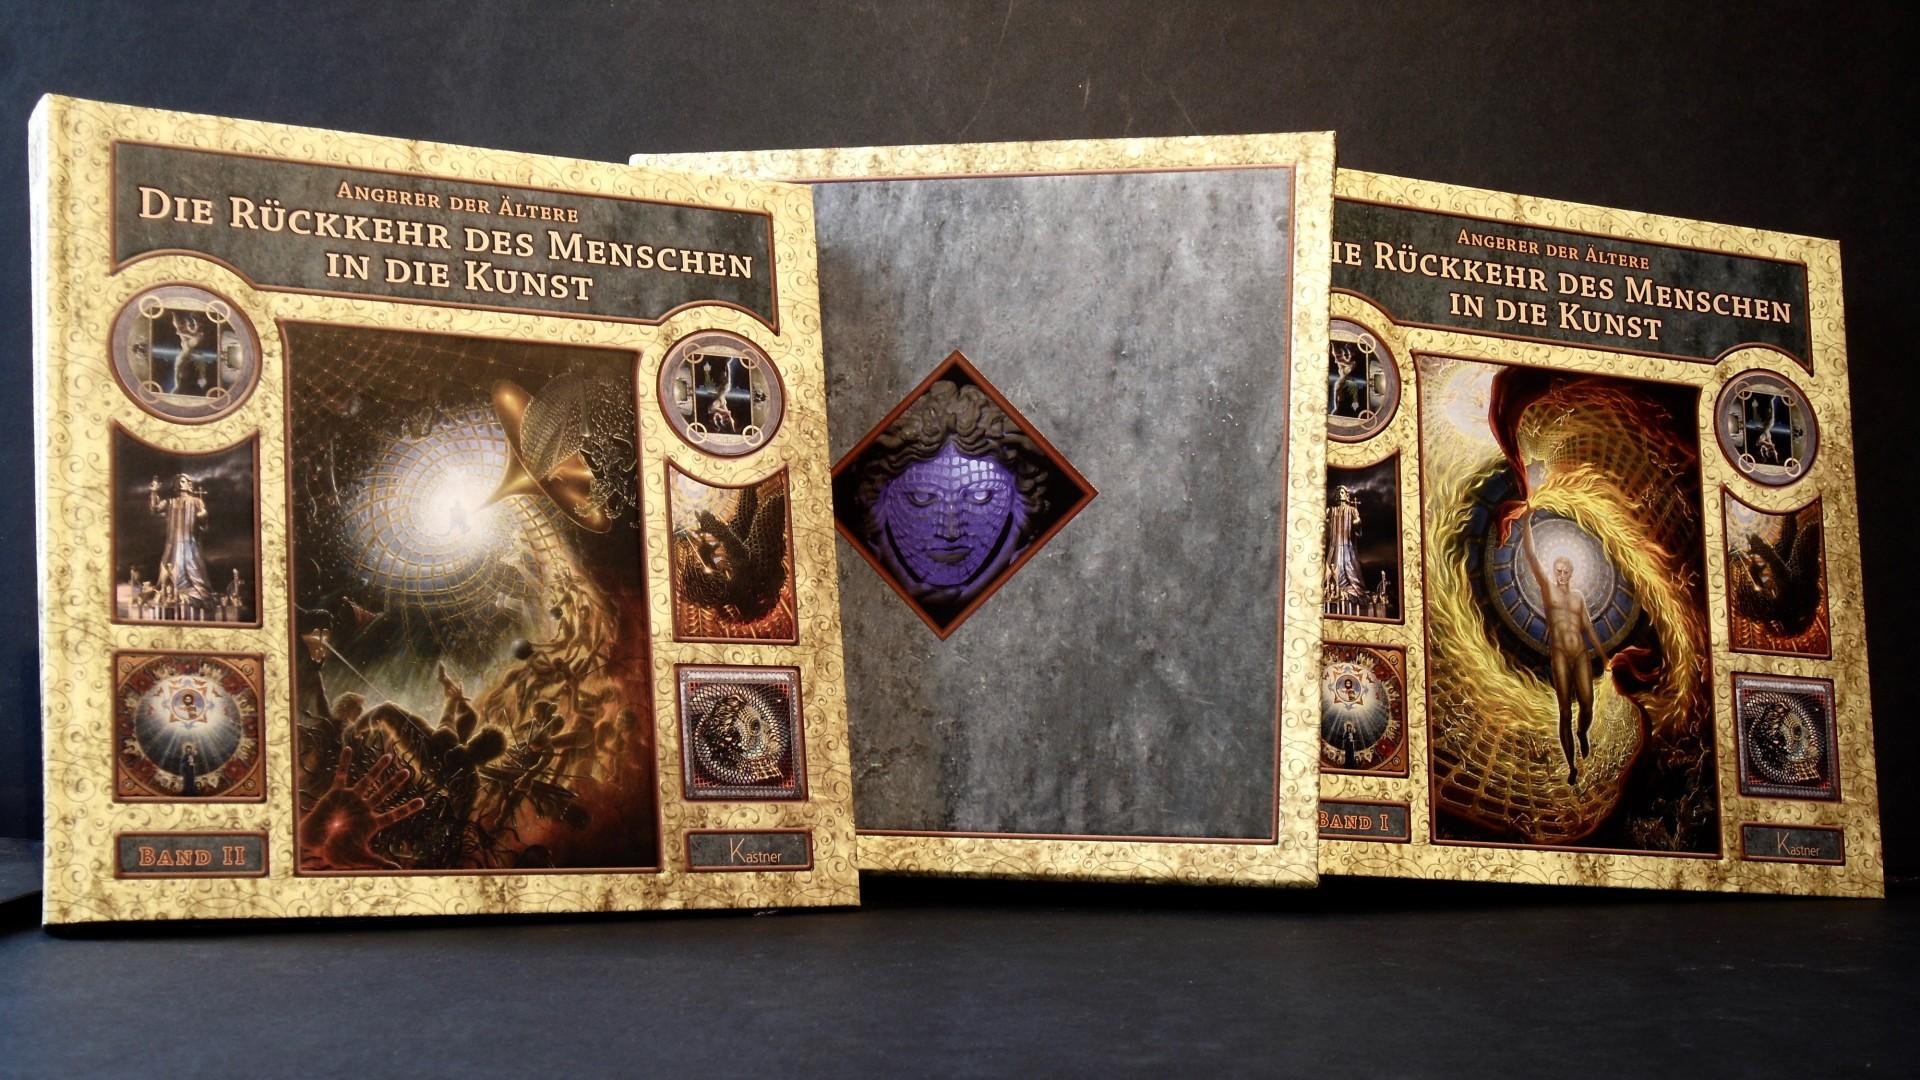 Art Book - Die Rückkehr des Menschen in die Kunst - Kunstband - 149,00 € Verlag Kastner